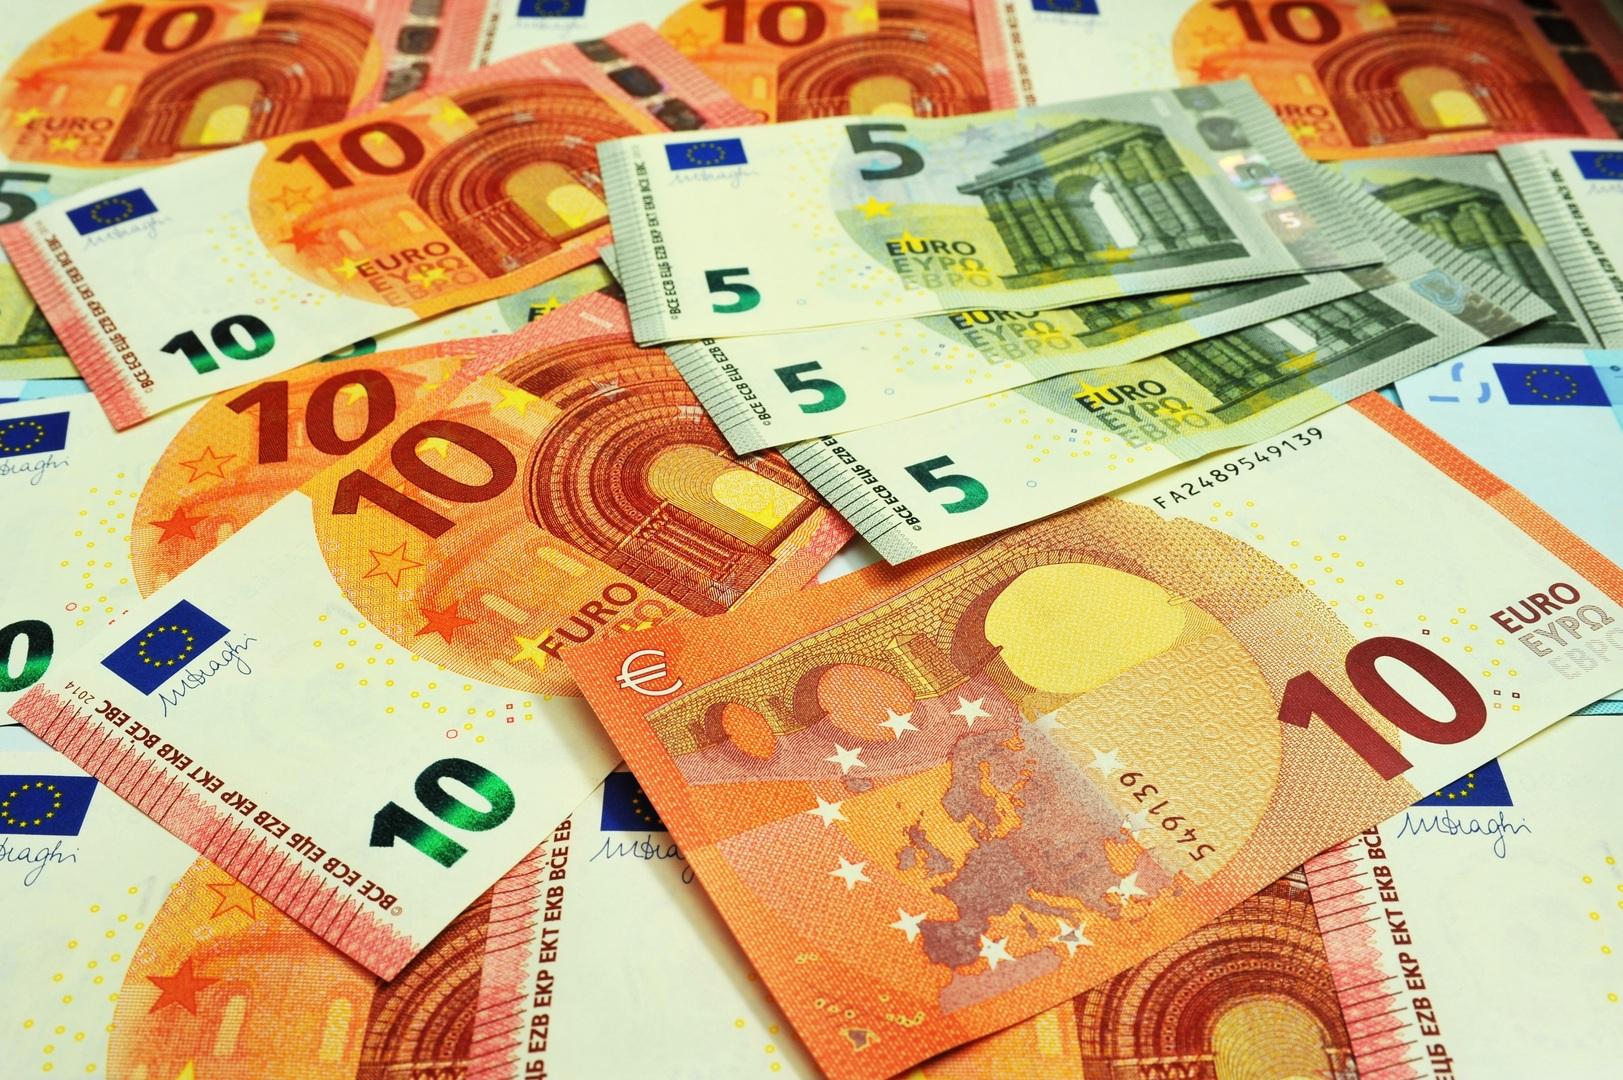 خطأ بـ11 مليون يورو.. ارتكبته جمارك فنلندا سيفرح مجموعة من عملائها